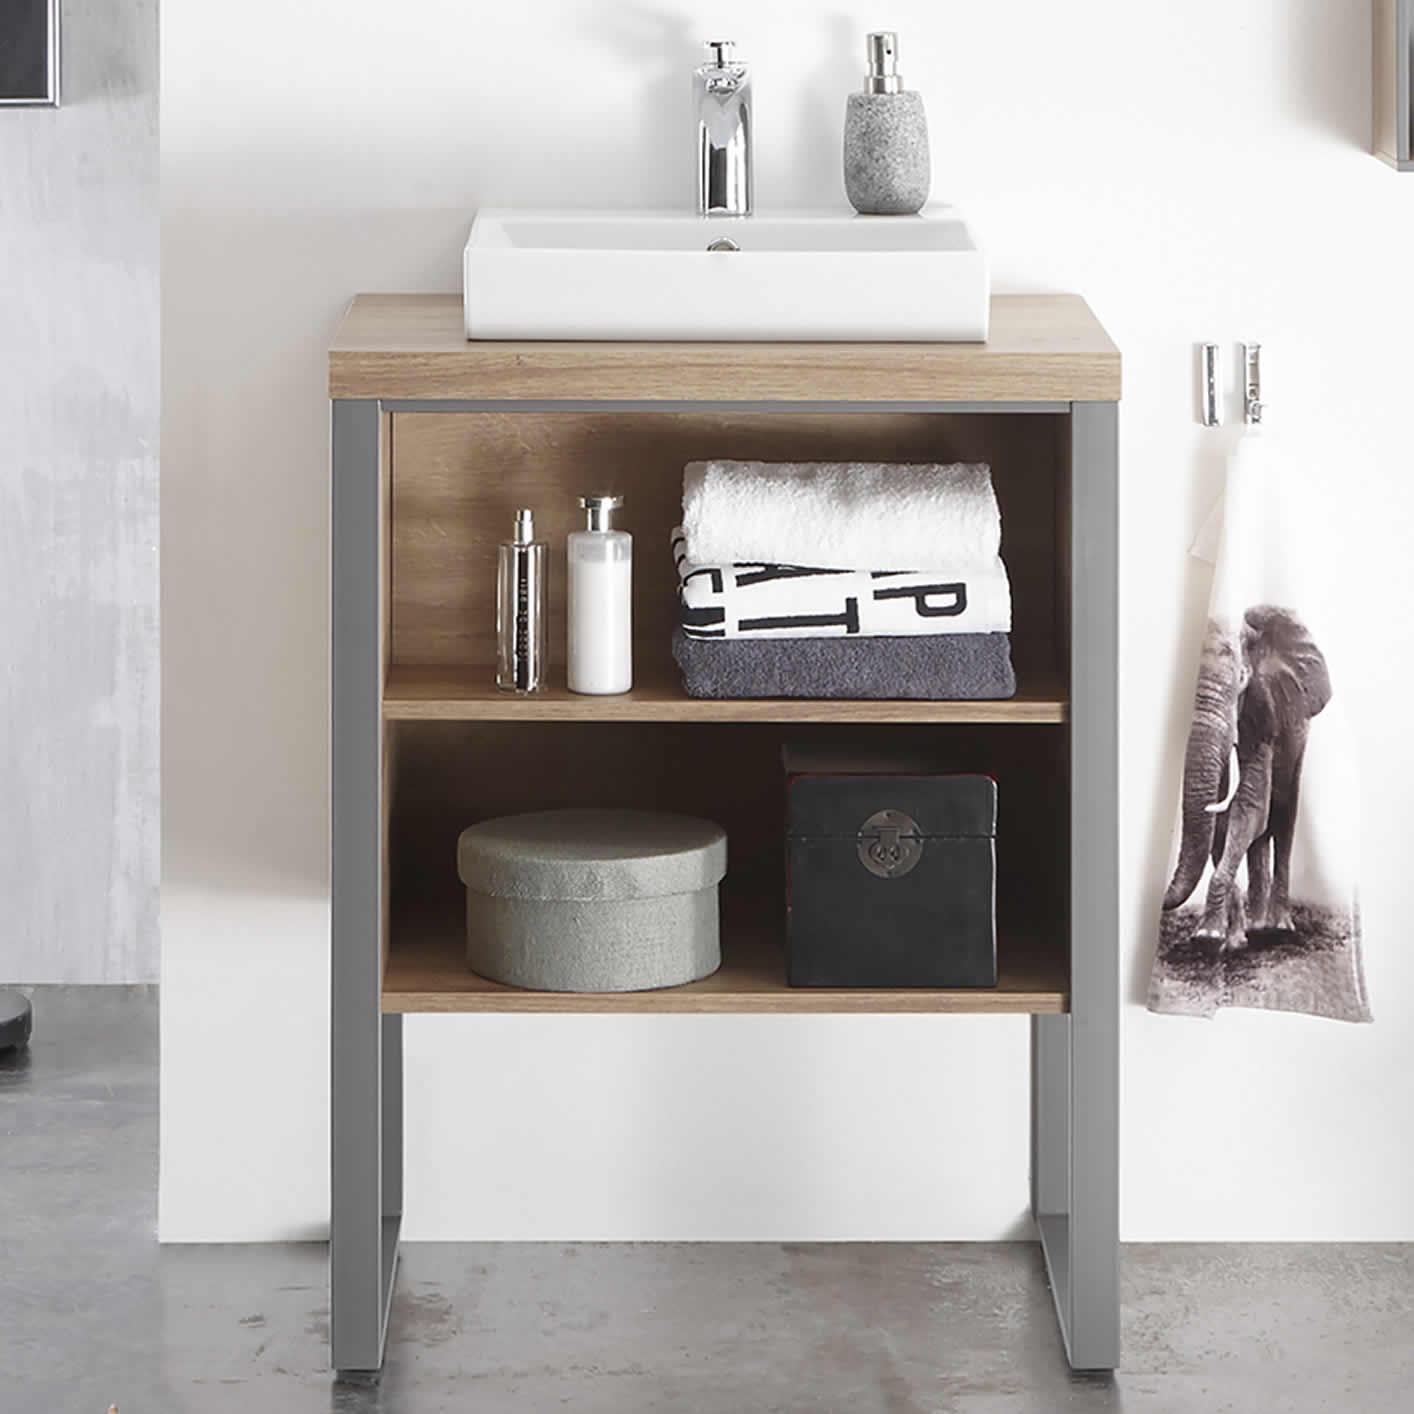 pelipal solitaire 9025 waschtisch set 65 cm impulsbad. Black Bedroom Furniture Sets. Home Design Ideas